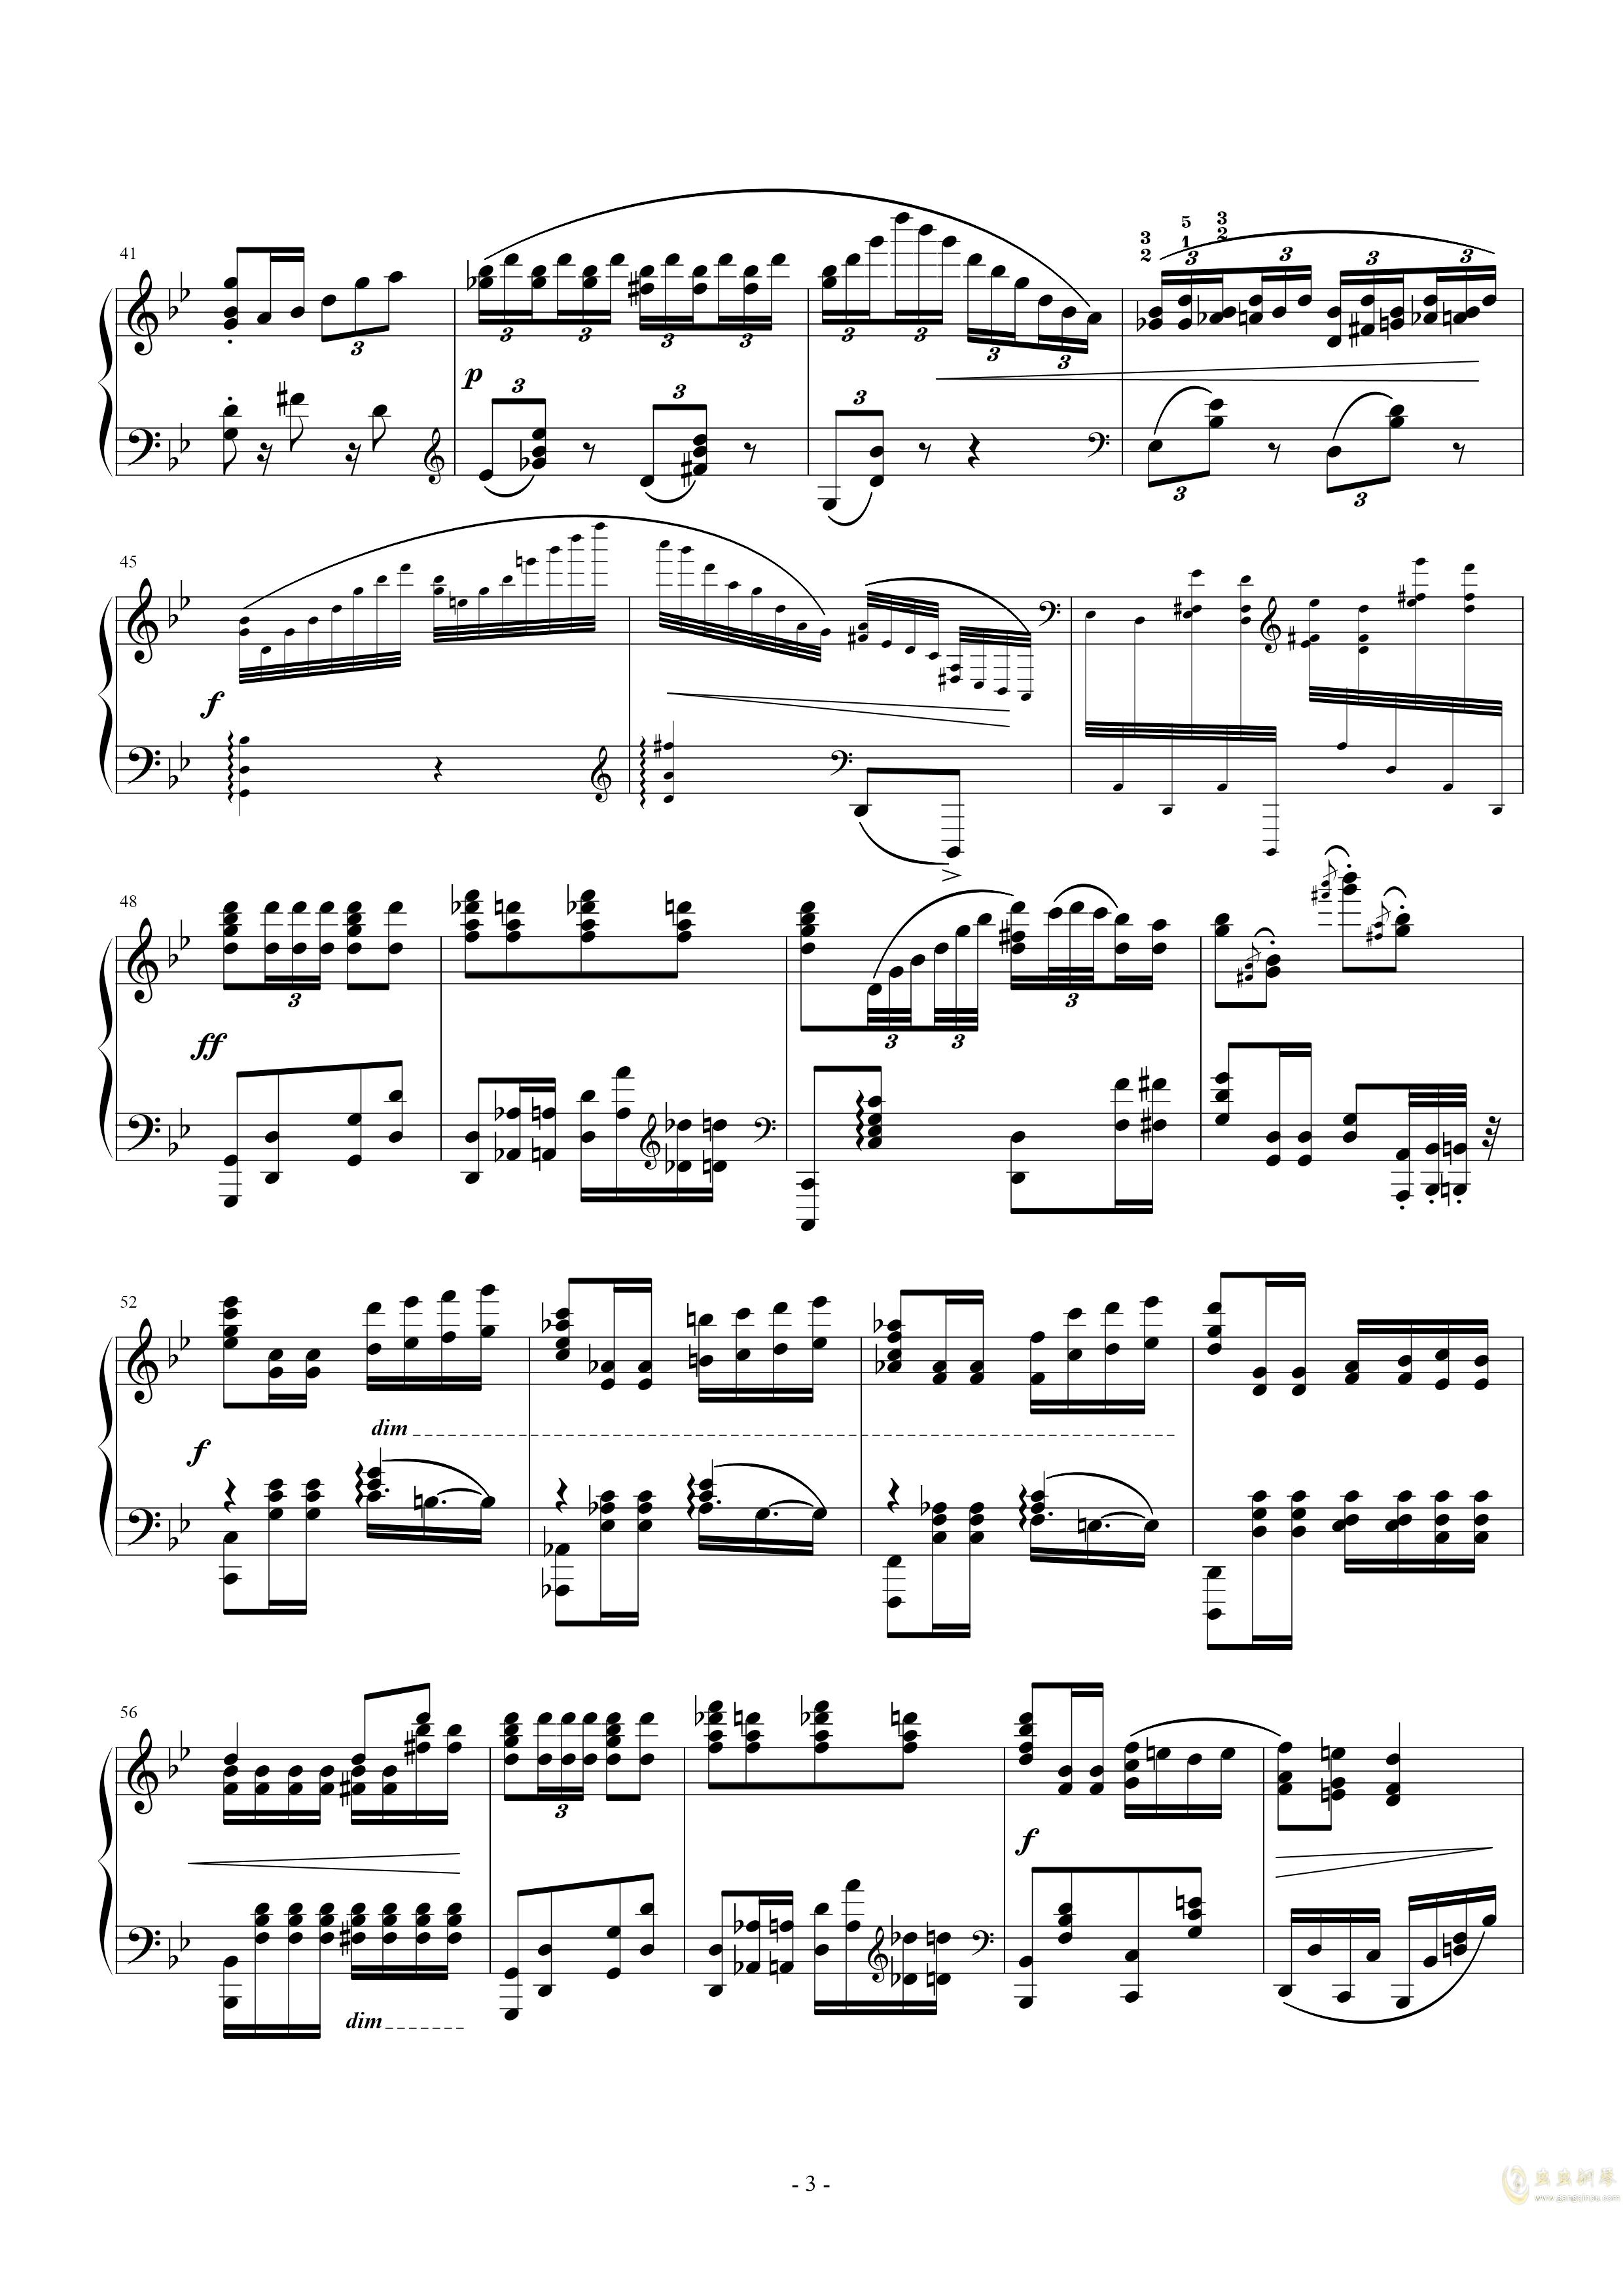 g小调钢琴舞曲, Op.12, No.5钢琴谱 第3页